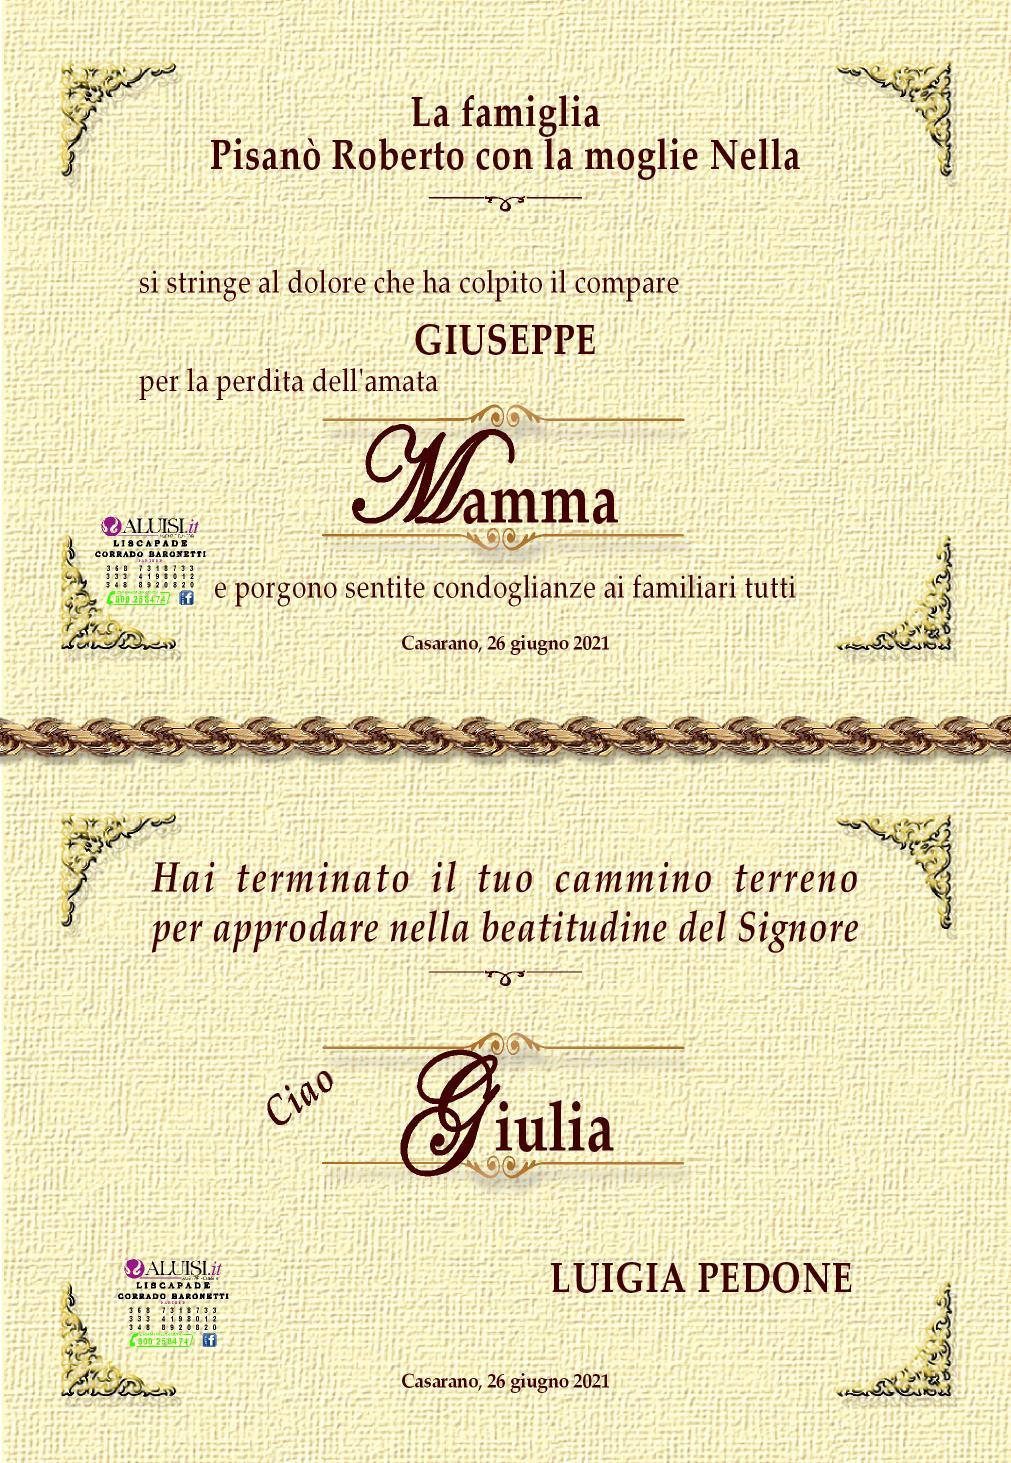 PARTECIPAZIONI-GIULIA-SPENNATO-CASARANO-3.jpg